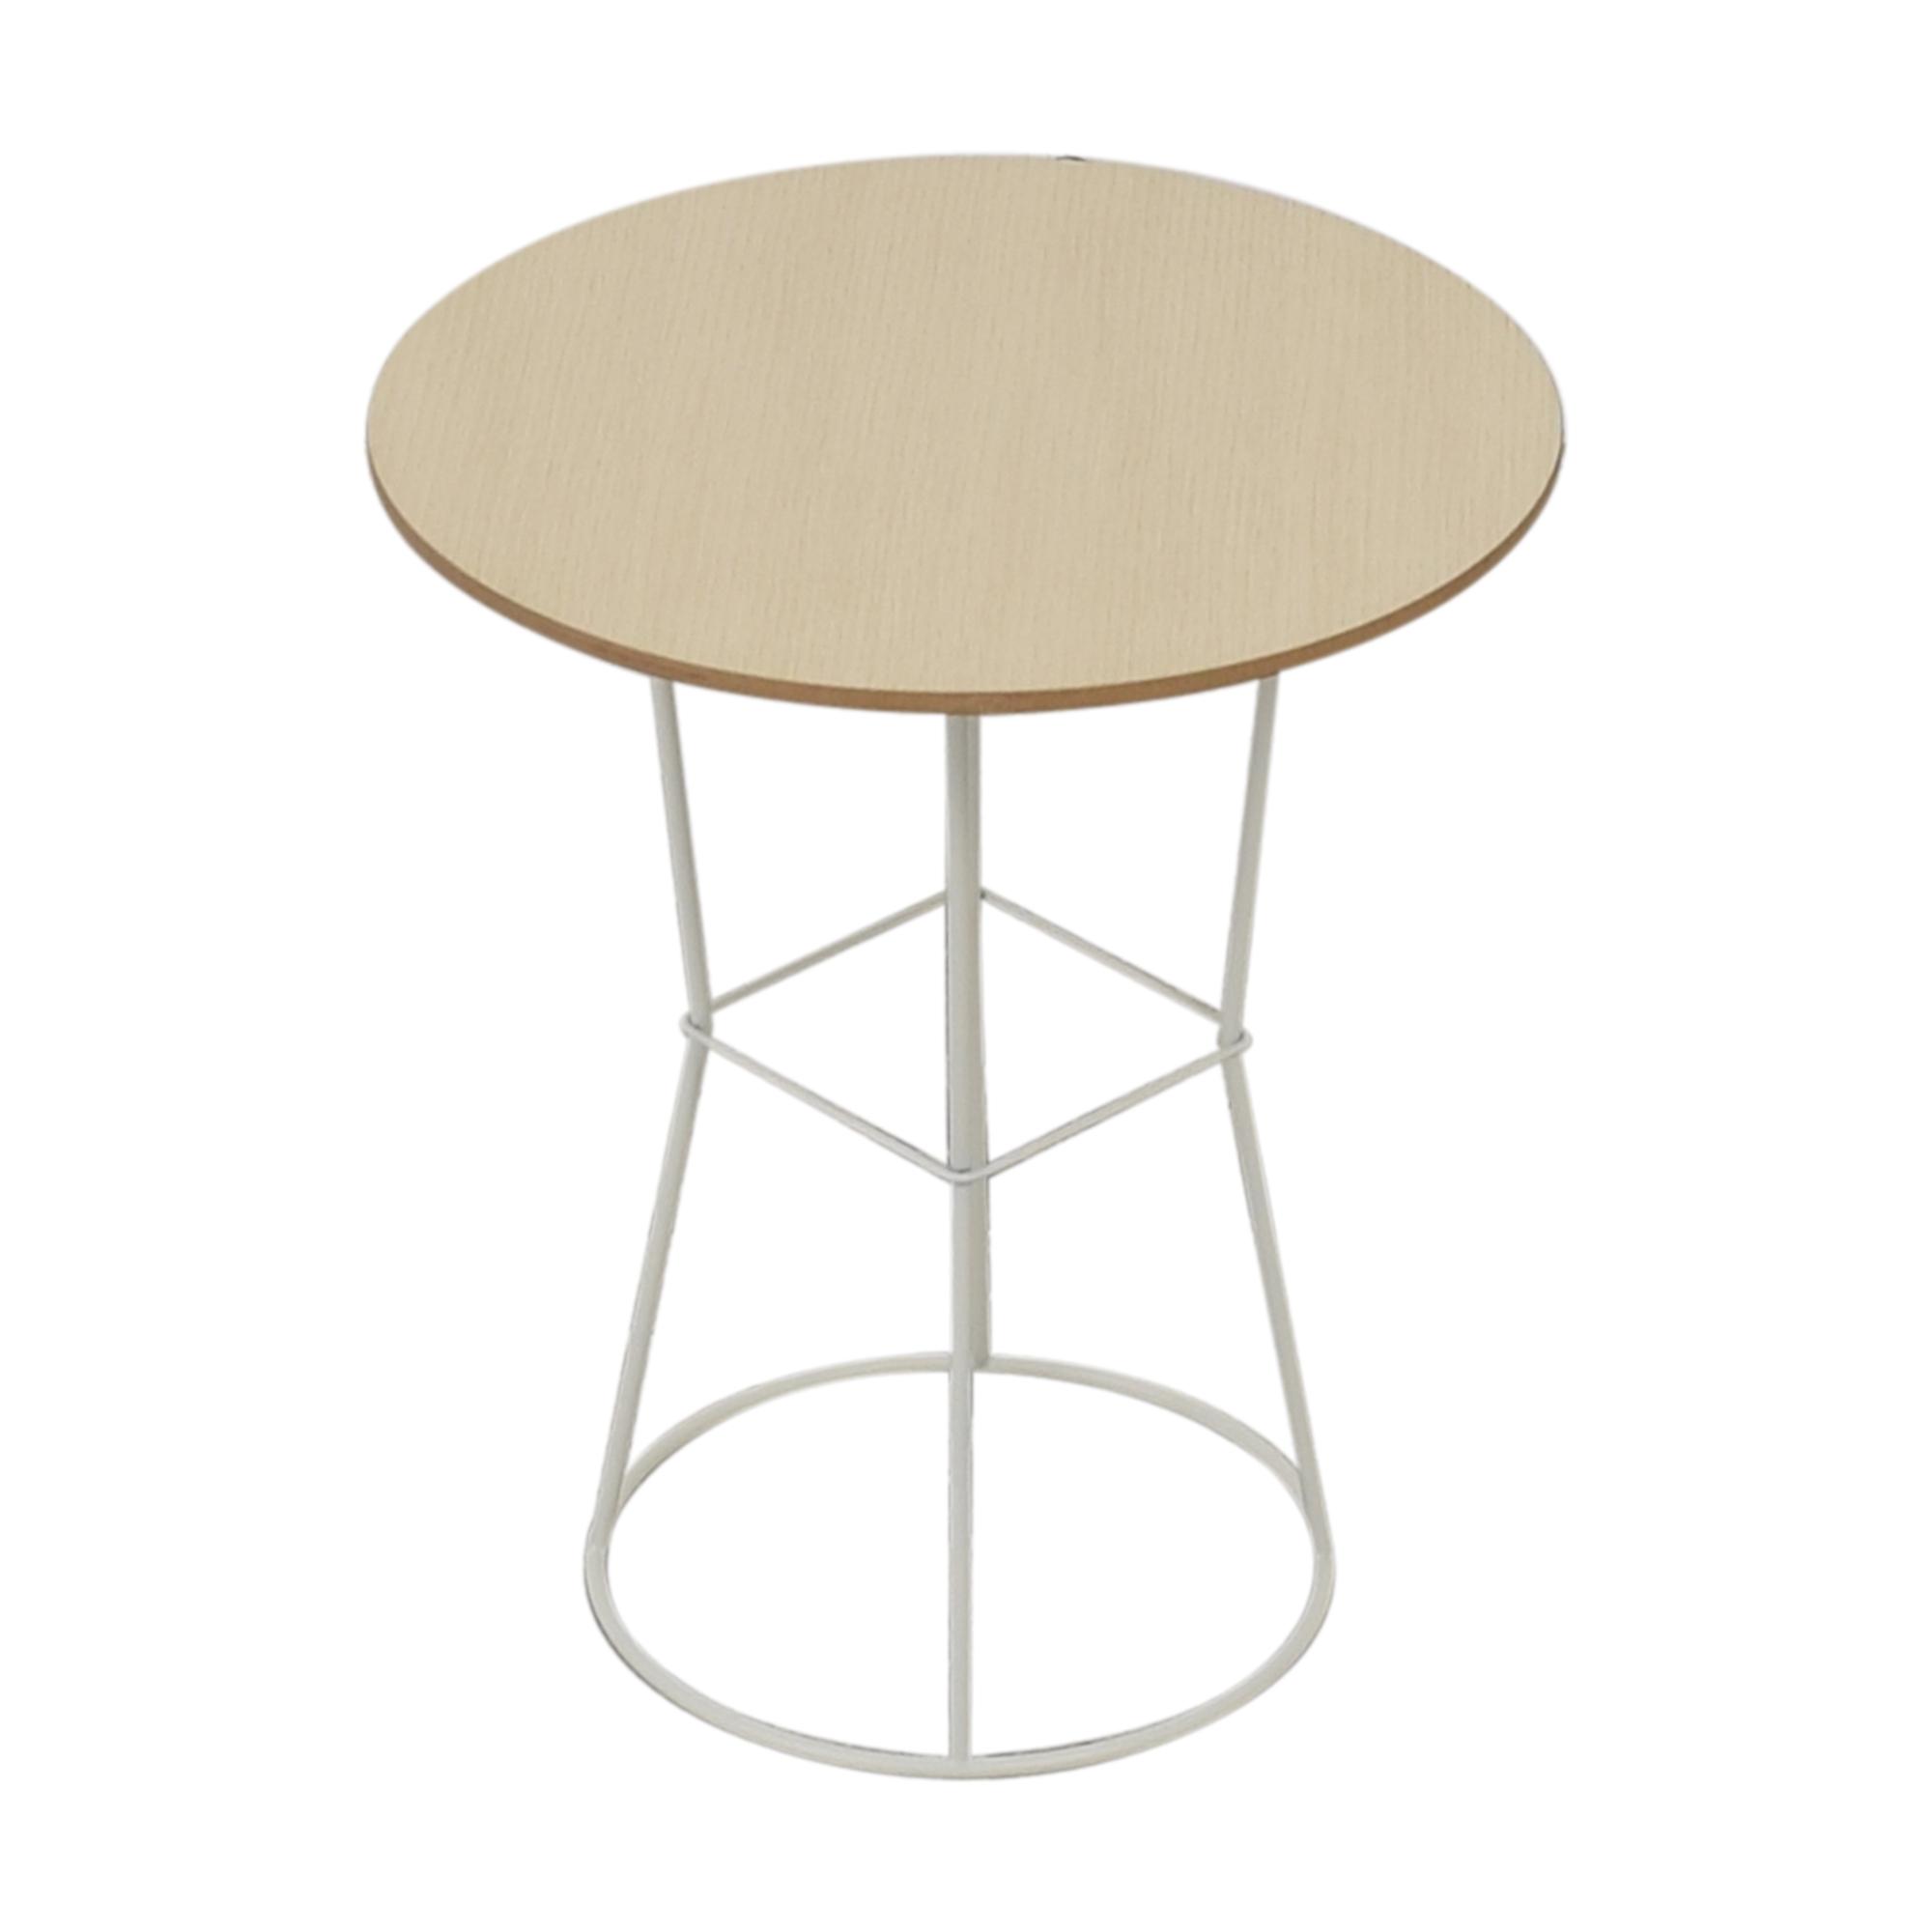 Koleksiyon Koleksiyon Plan Round Coffee Table or Side Table second hand